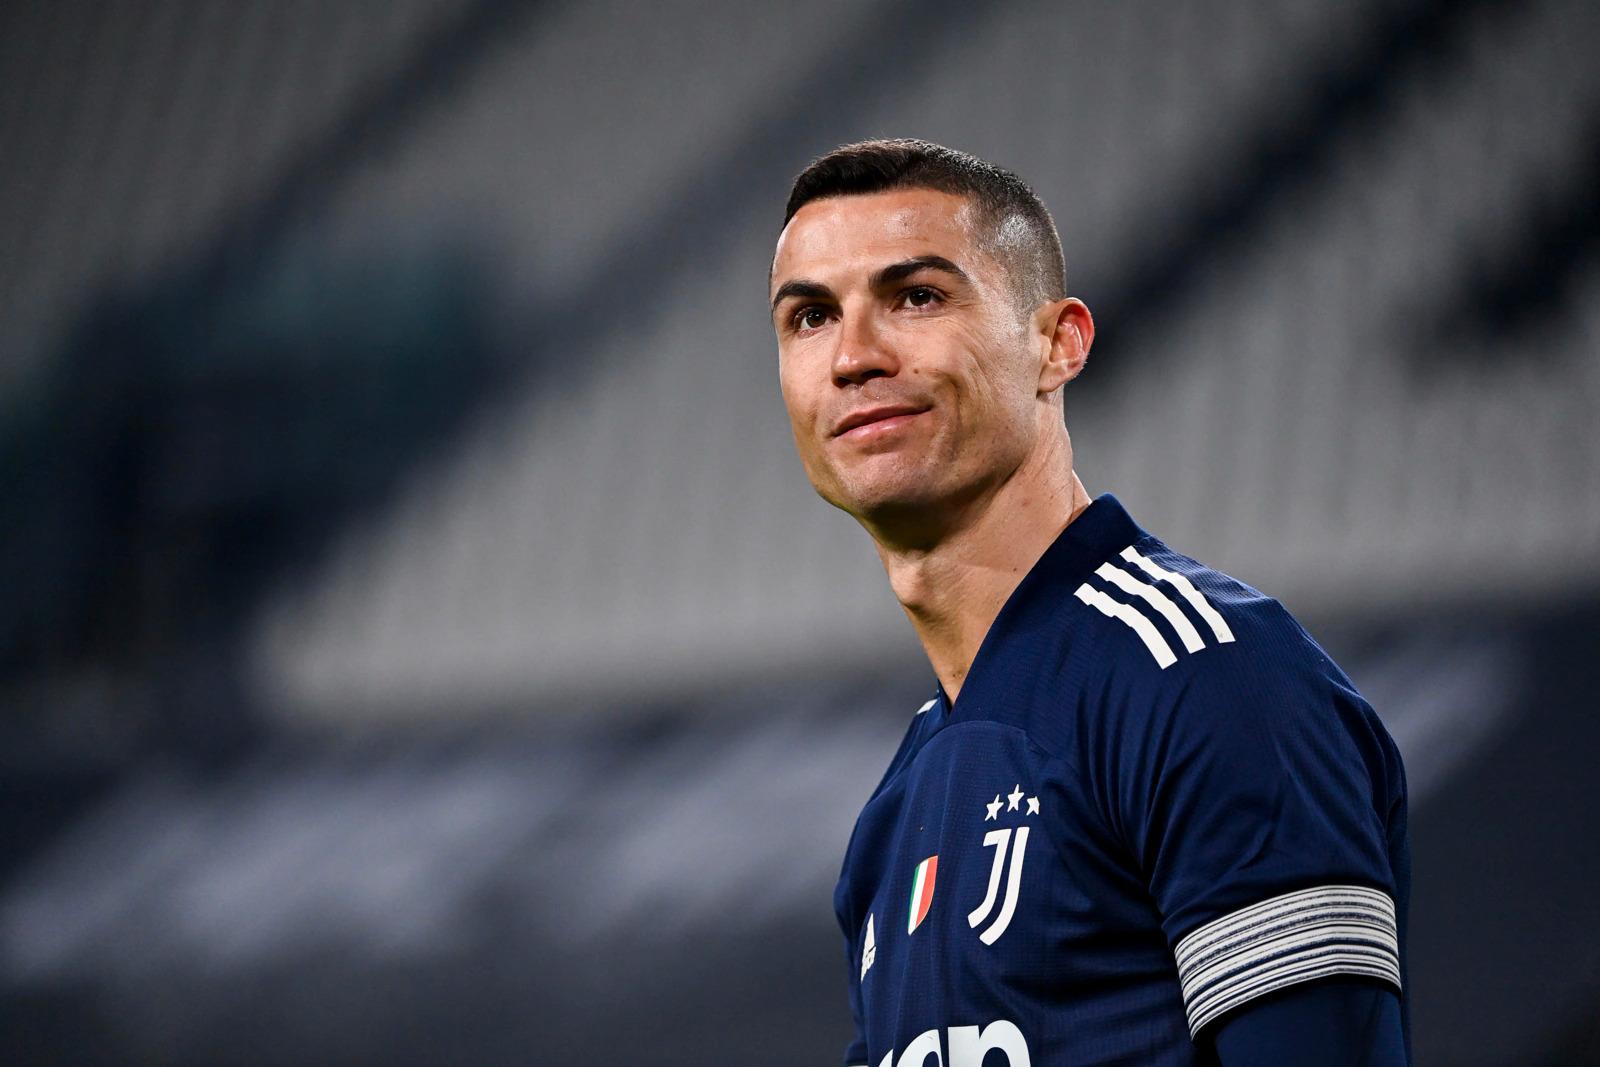 Vì sao Ronaldo không đá chính ở trận cầu then chốt của Juve? - Bóng Đá